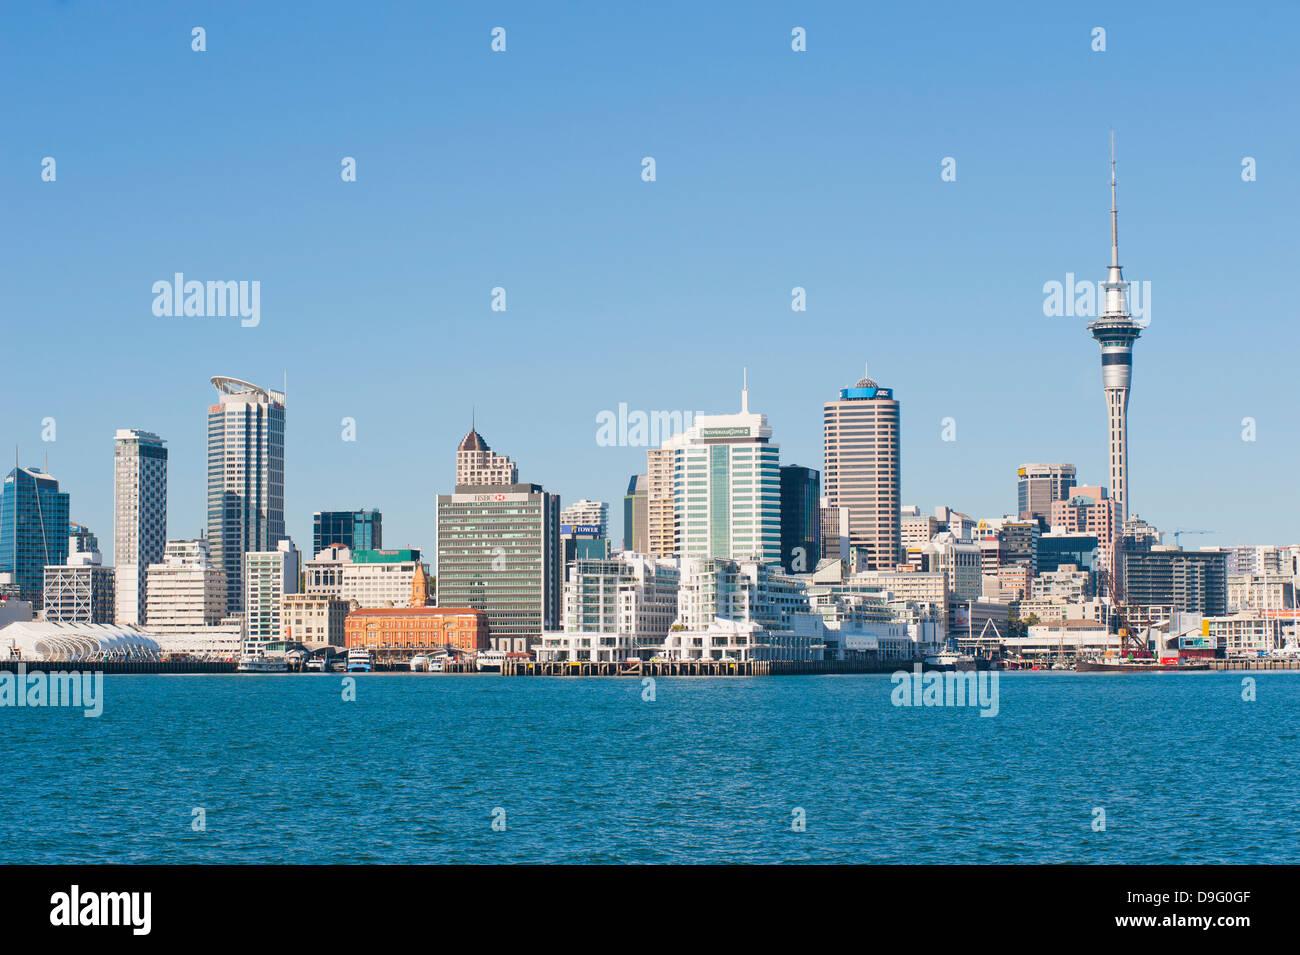 Auckland City skyline, île du Nord, Nouvelle-Zélande Banque D'Images